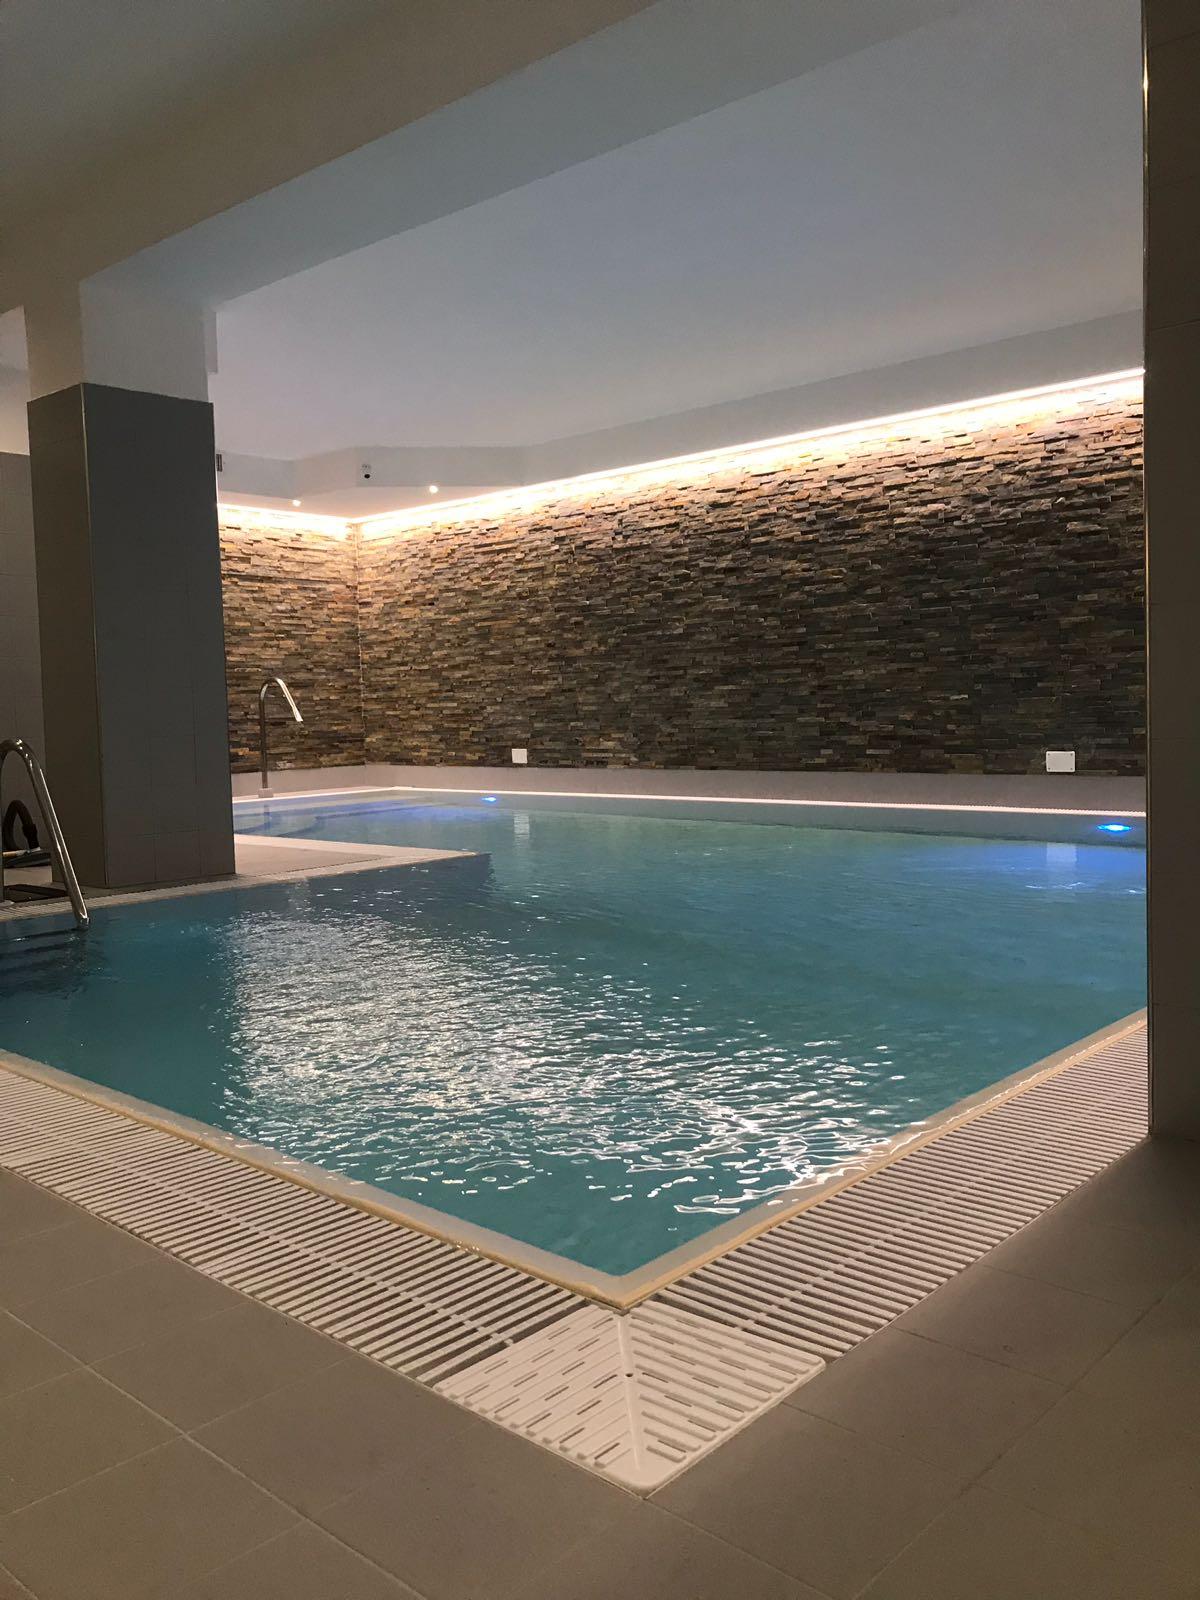 Finalmente una palestra con piscina coperta ad anacapri il don apre le porte alla comunit - Palestra con piscina ...